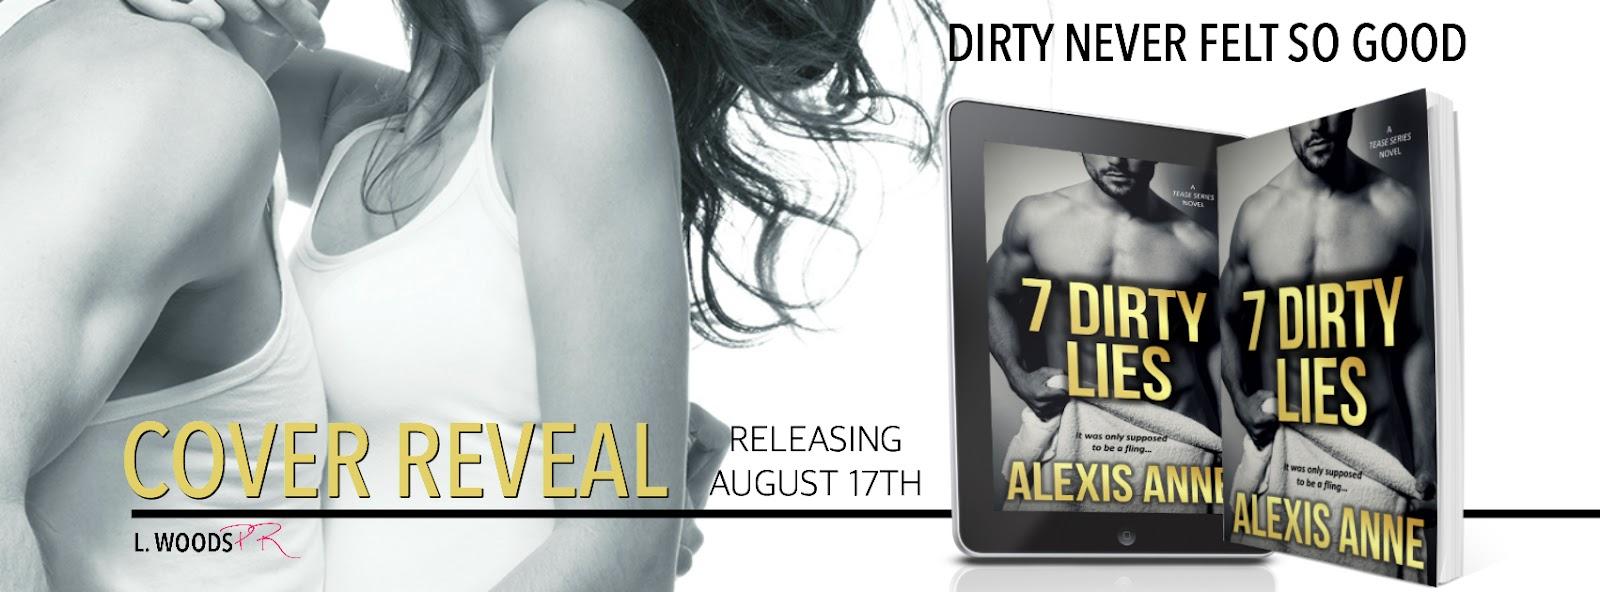 7 dirty lies_BANNER